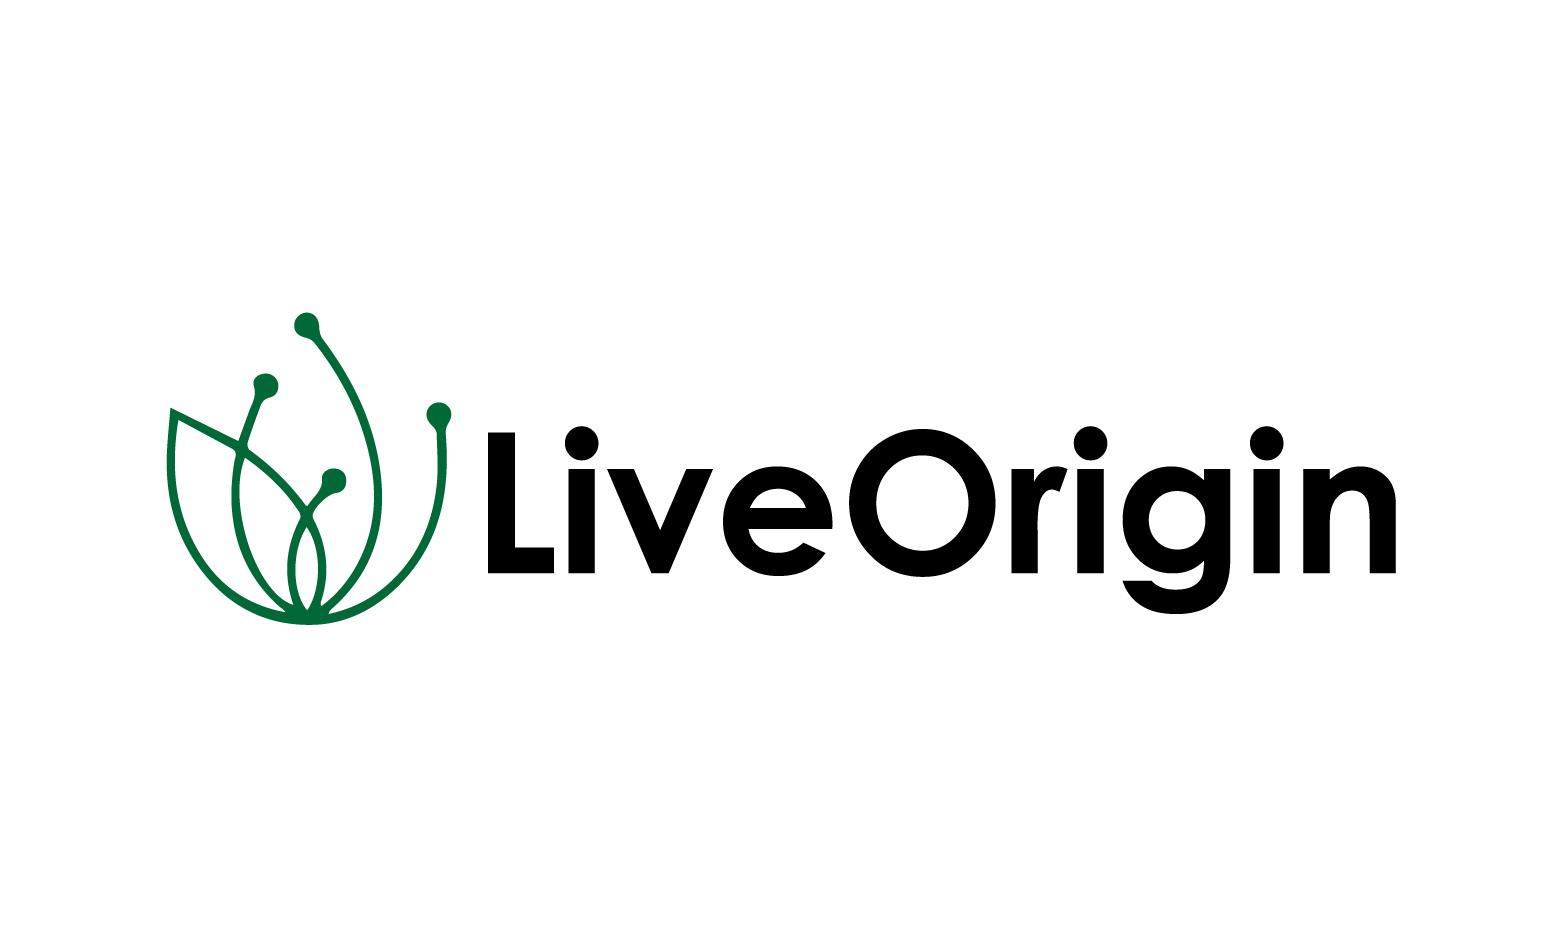 LiveOrigin.com